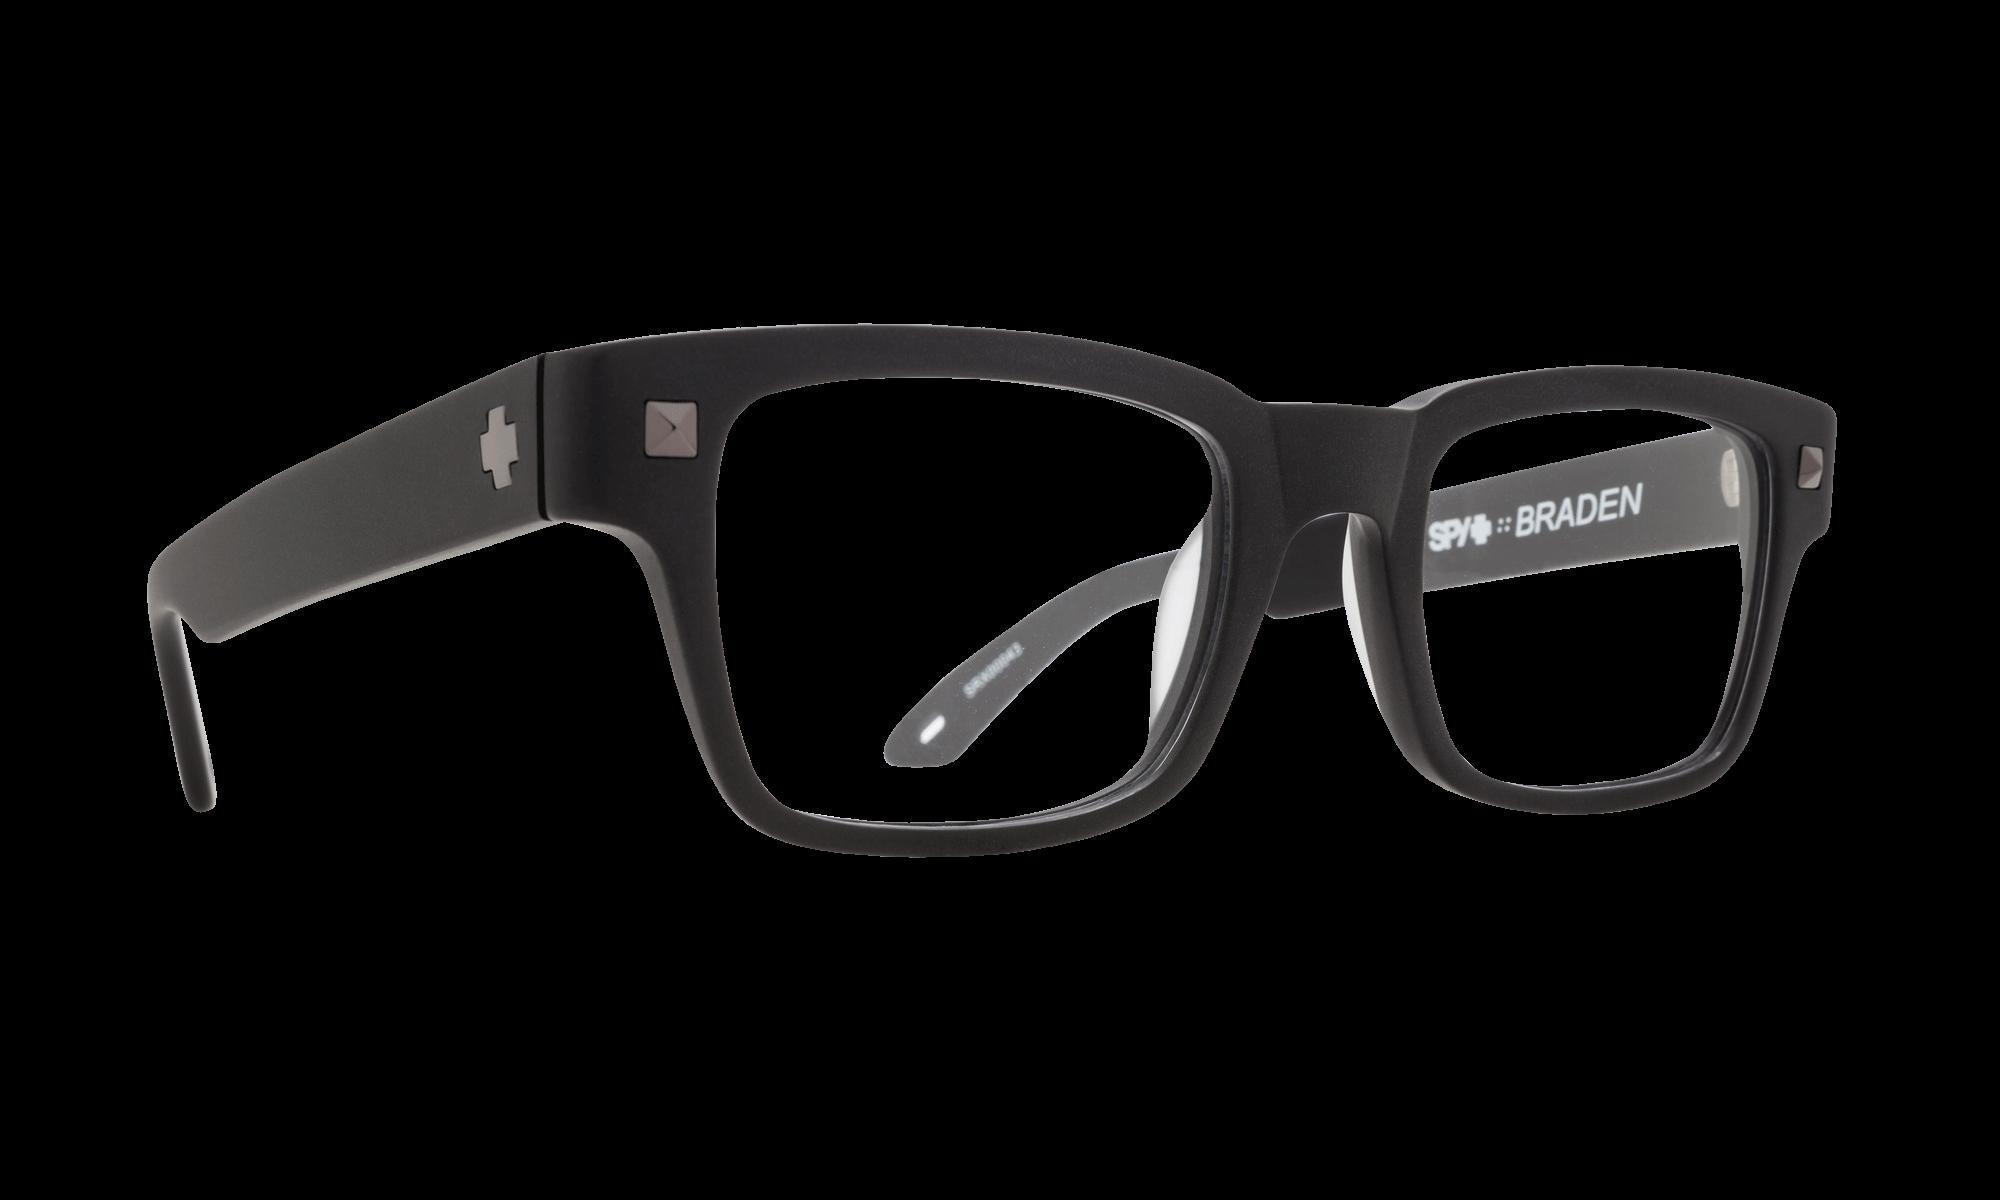 8bbb76c2ed Spy Optic Braden Eyeglasses FREE S H SRX00043. Spy Optic Eyeglasses.